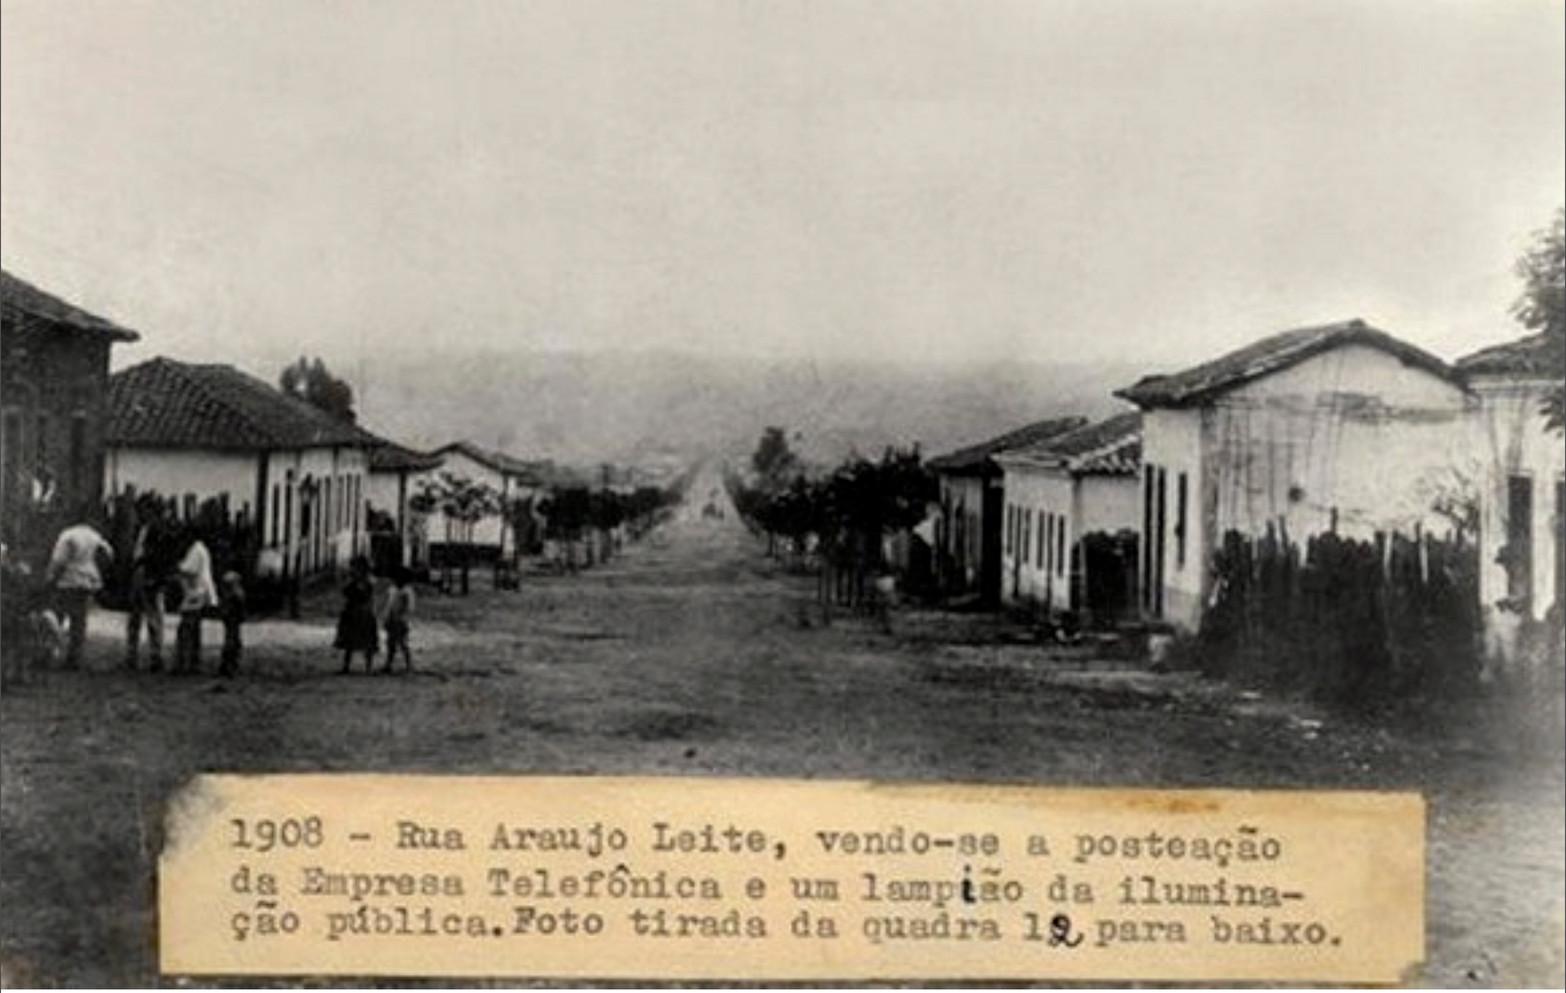 Estrada do Sertão e depois Rua Araújo Leite em 1908